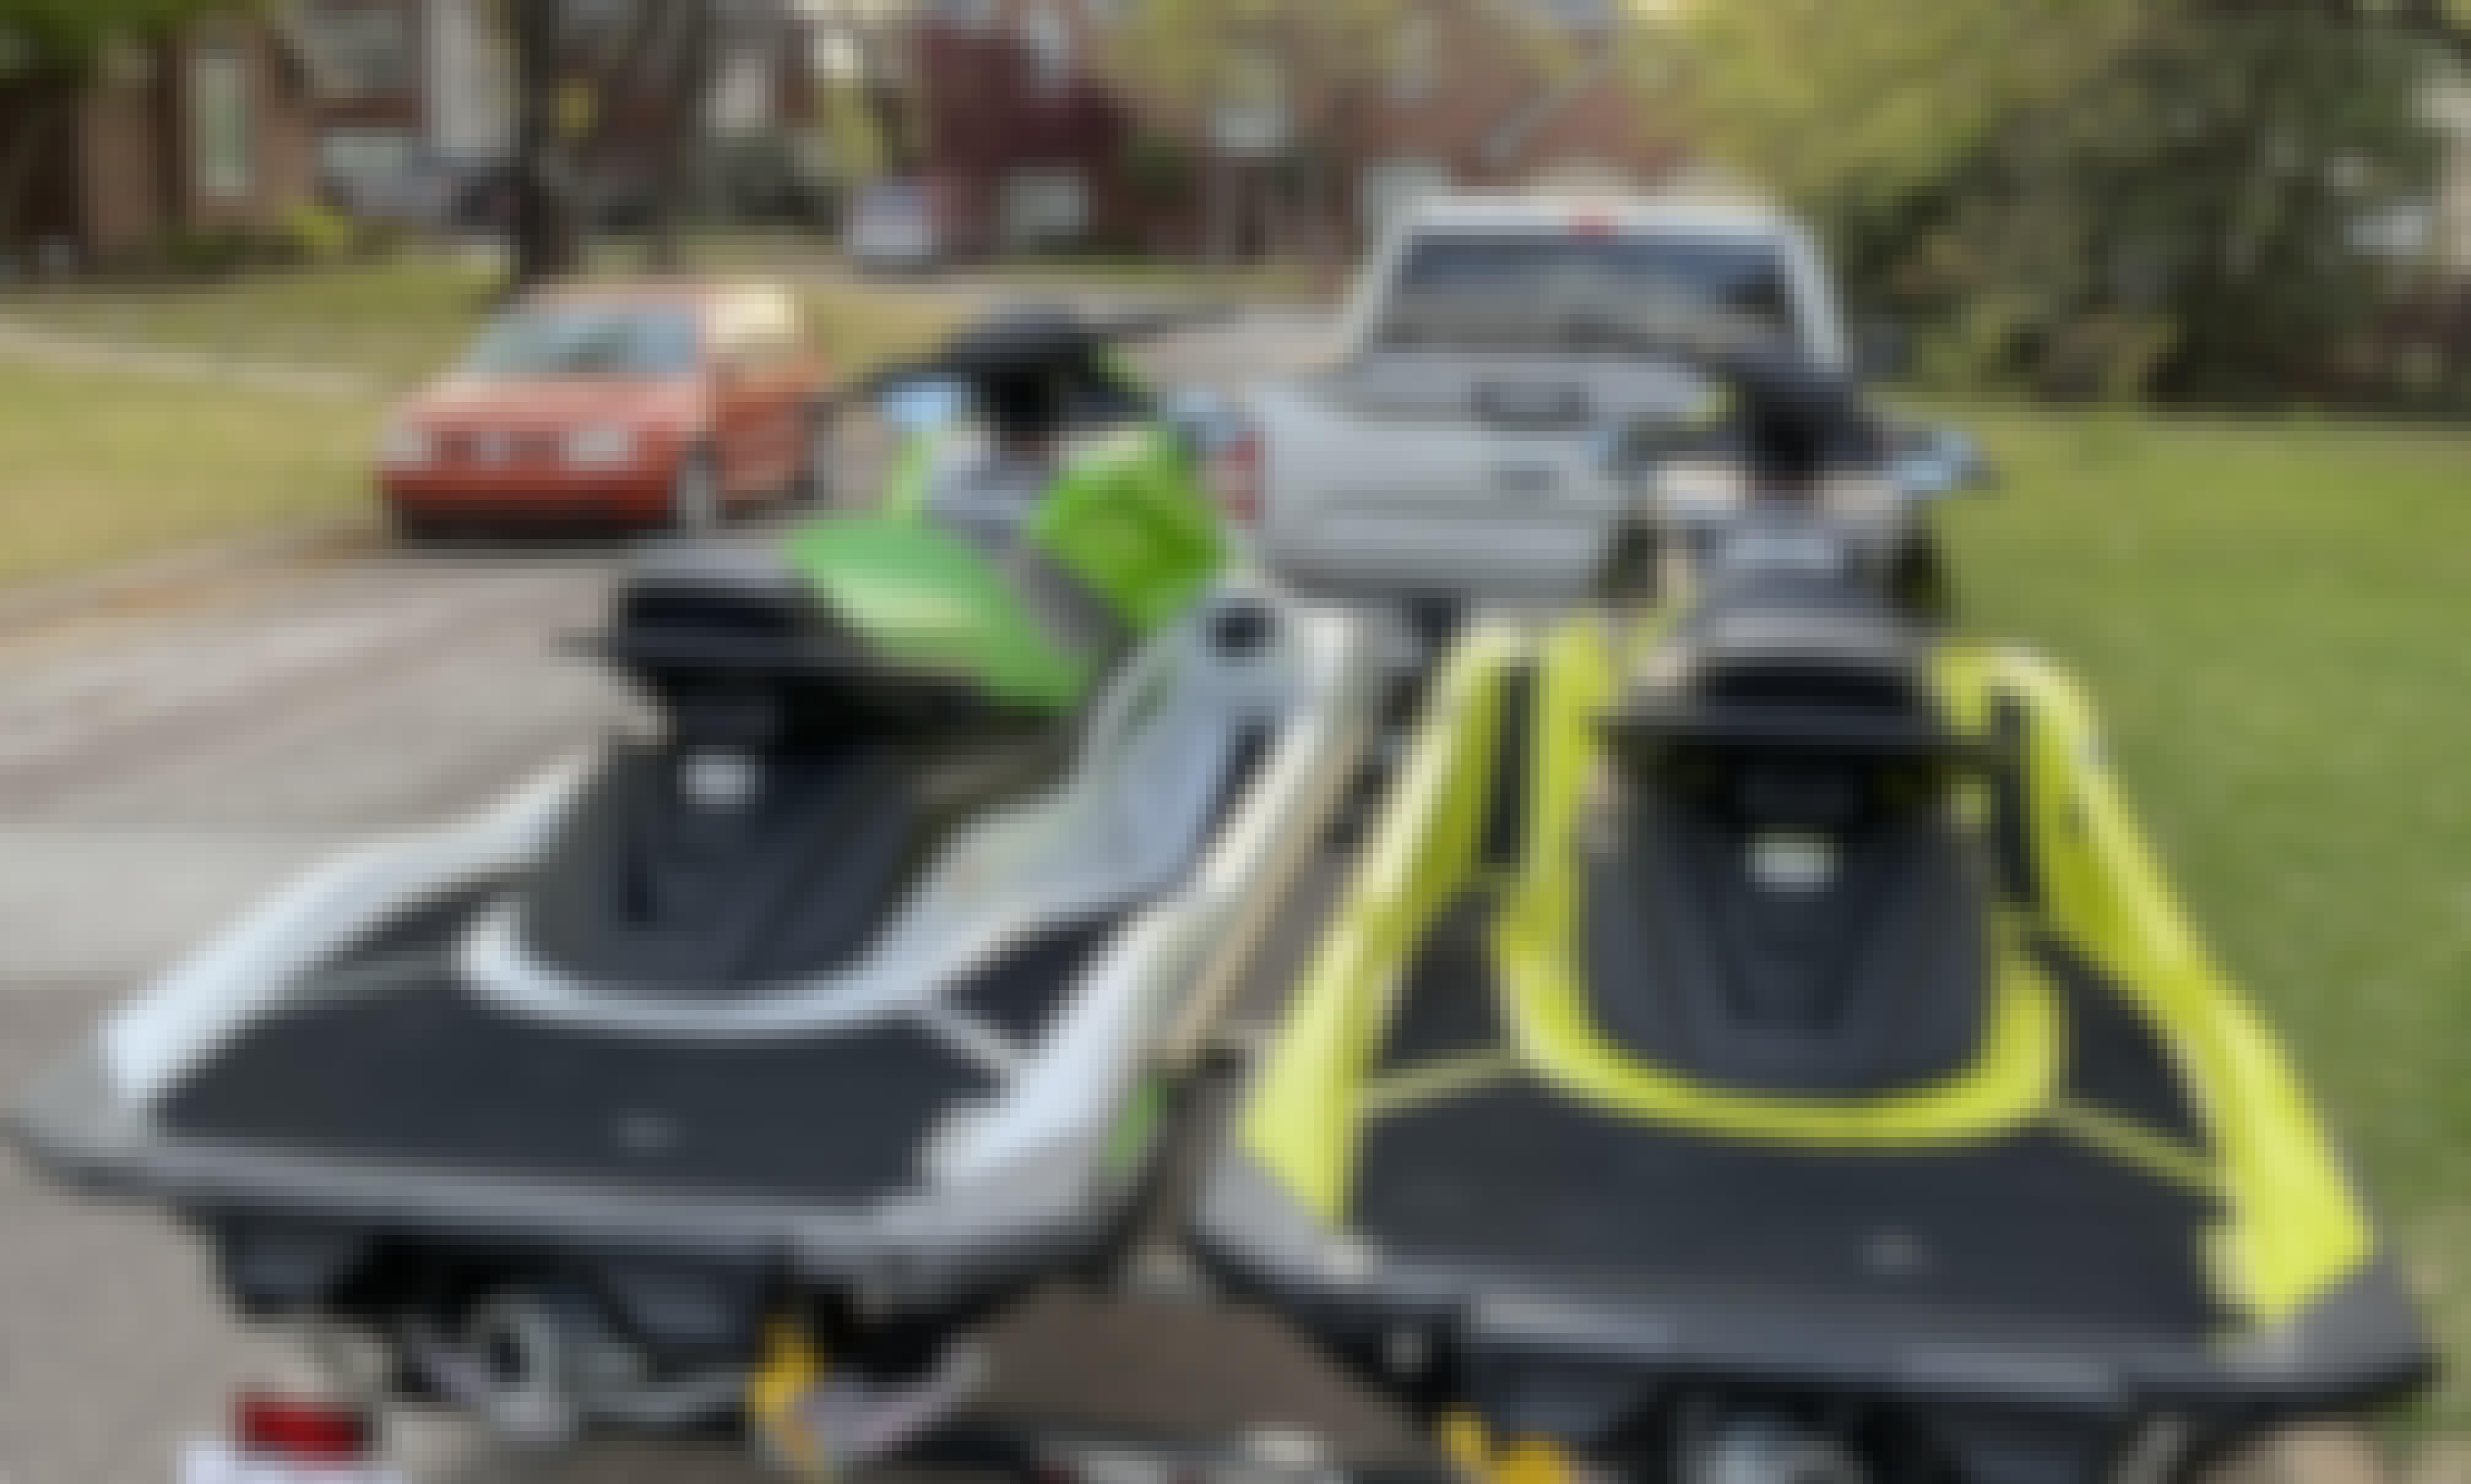 2021 Yamaha Waverunner Jet Skis For Rent x 2 | Lake Lewisville